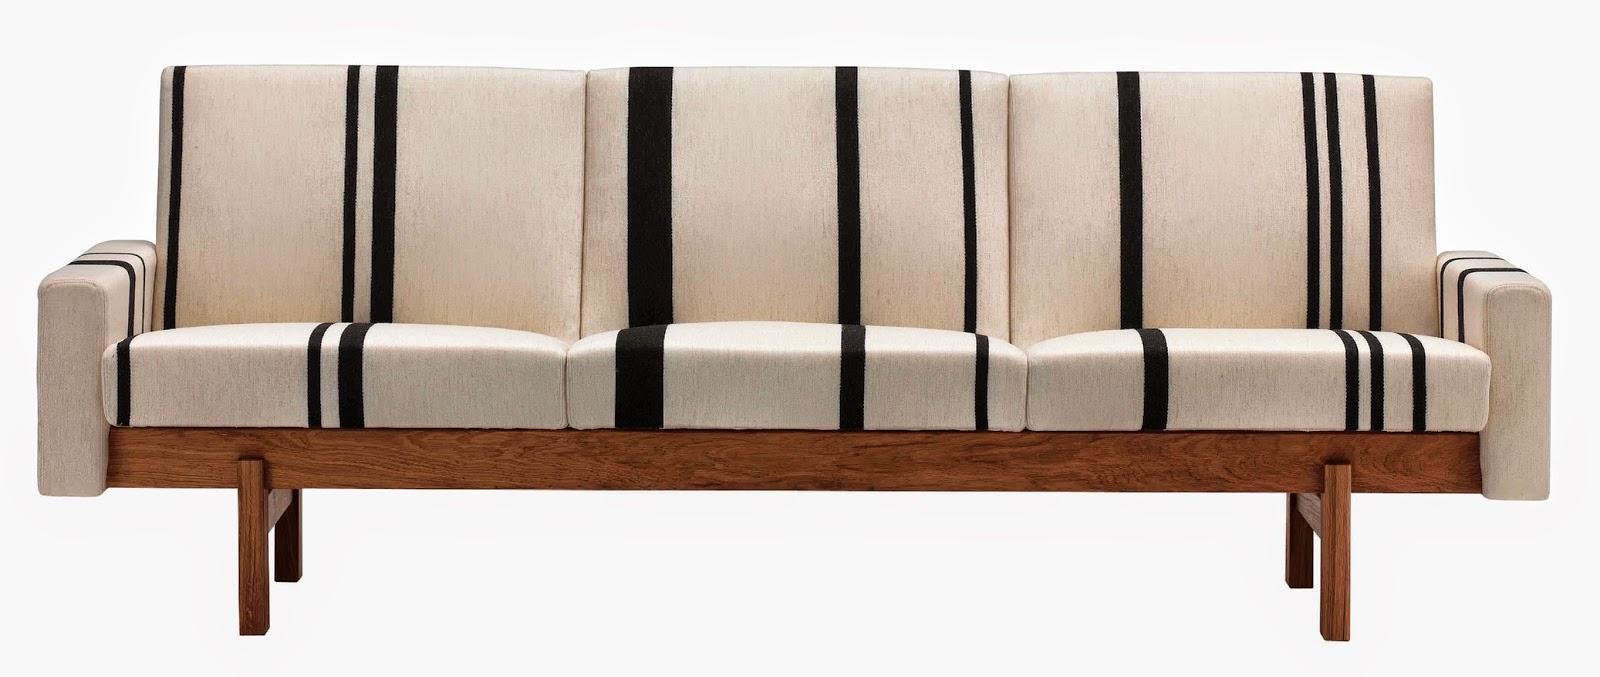 mid2mod yngve ekstr m. Black Bedroom Furniture Sets. Home Design Ideas